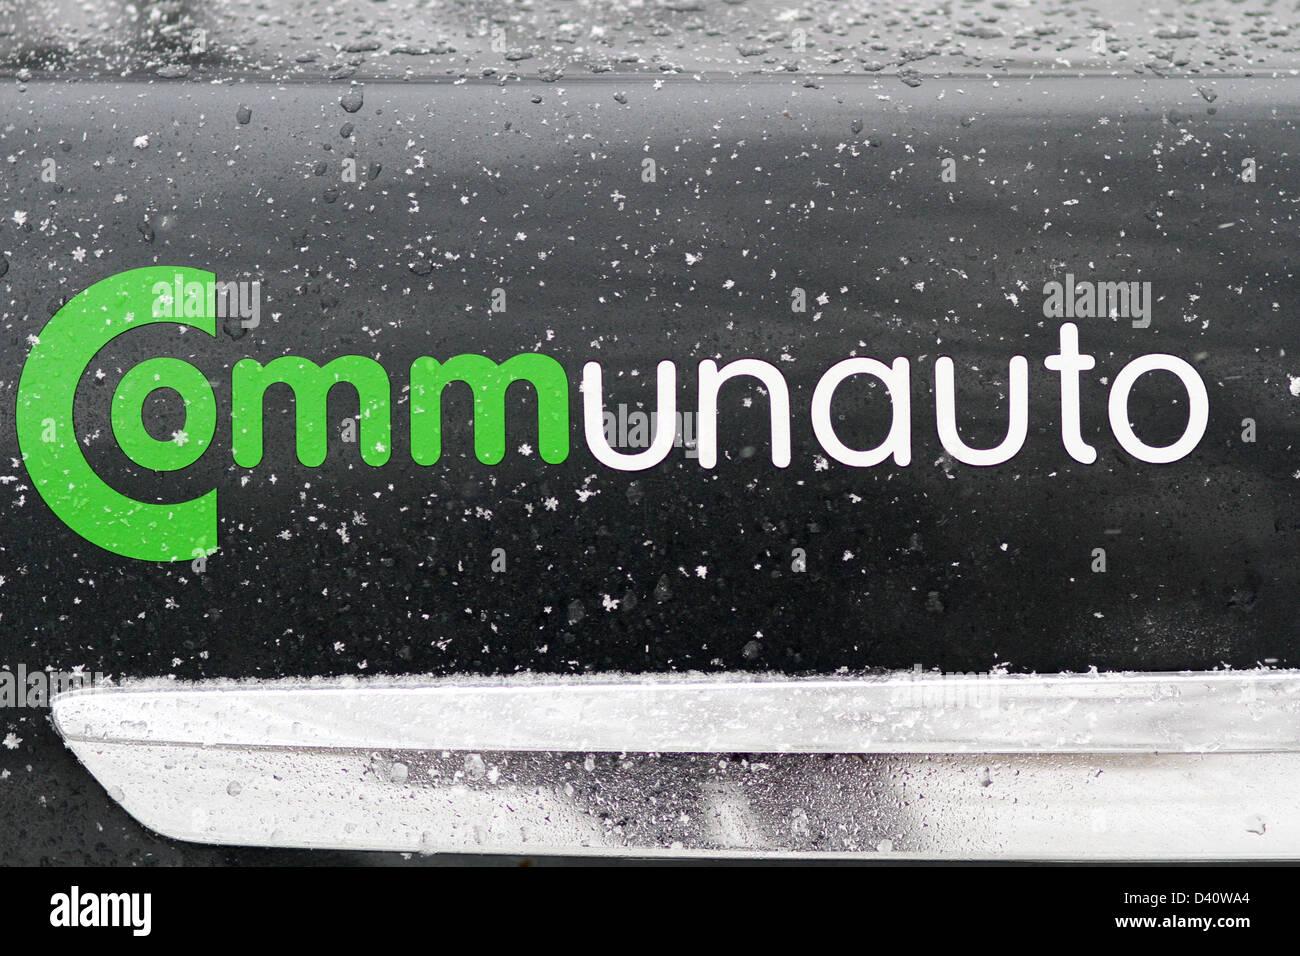 Communauto est une entreprise d'autopartage à Montréal, au Québec. Photo Stock